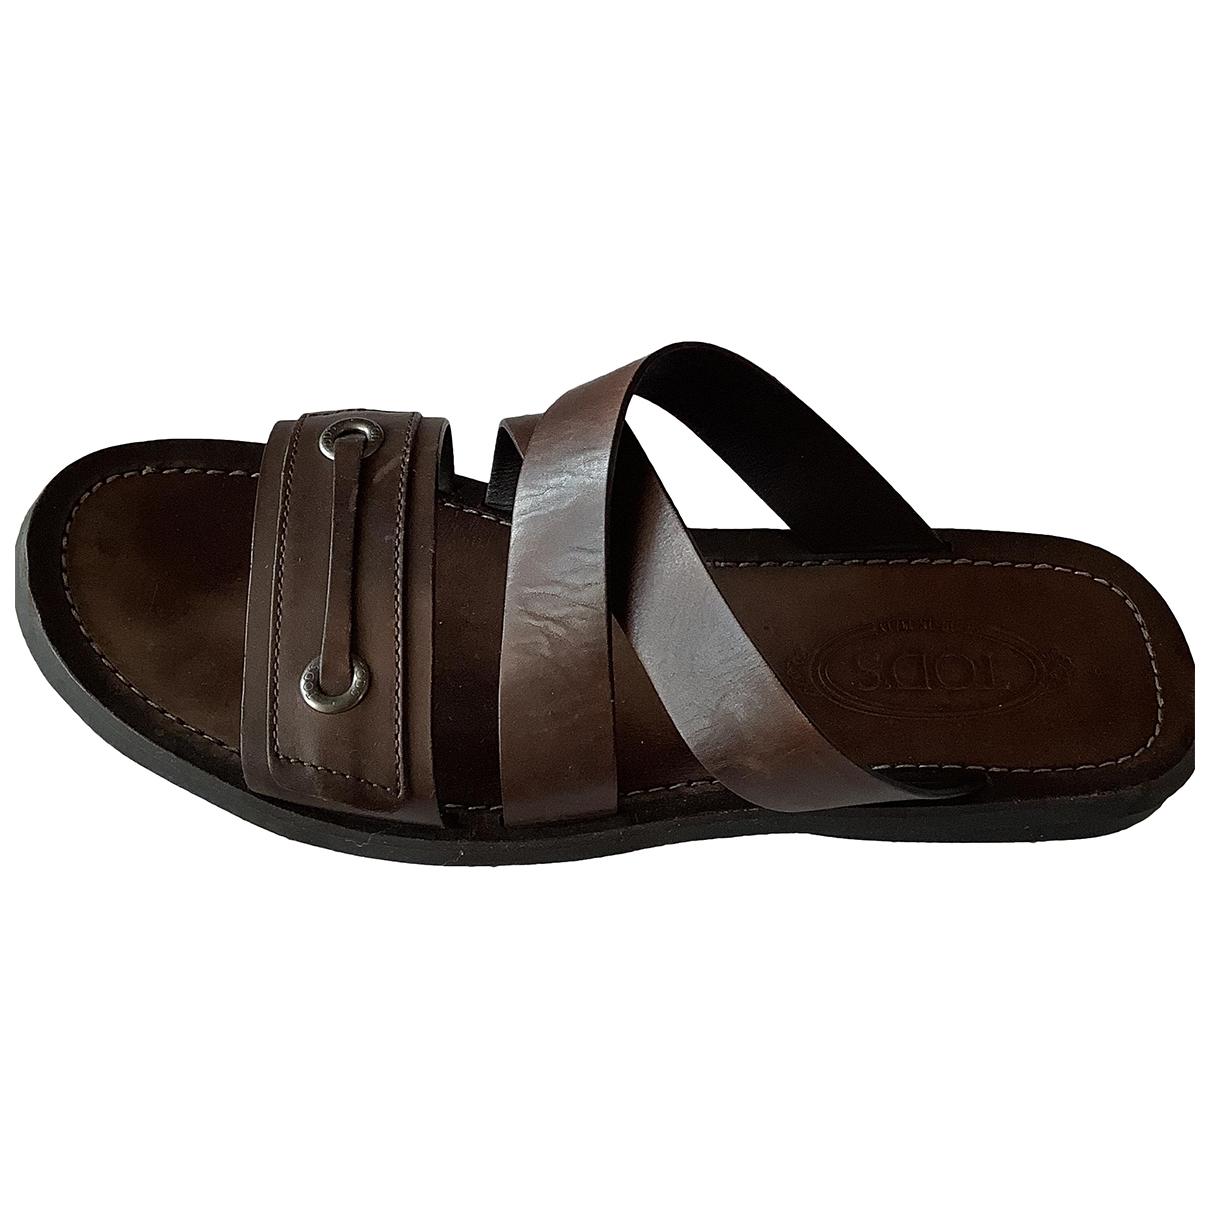 Sandalias de Cuero Tods